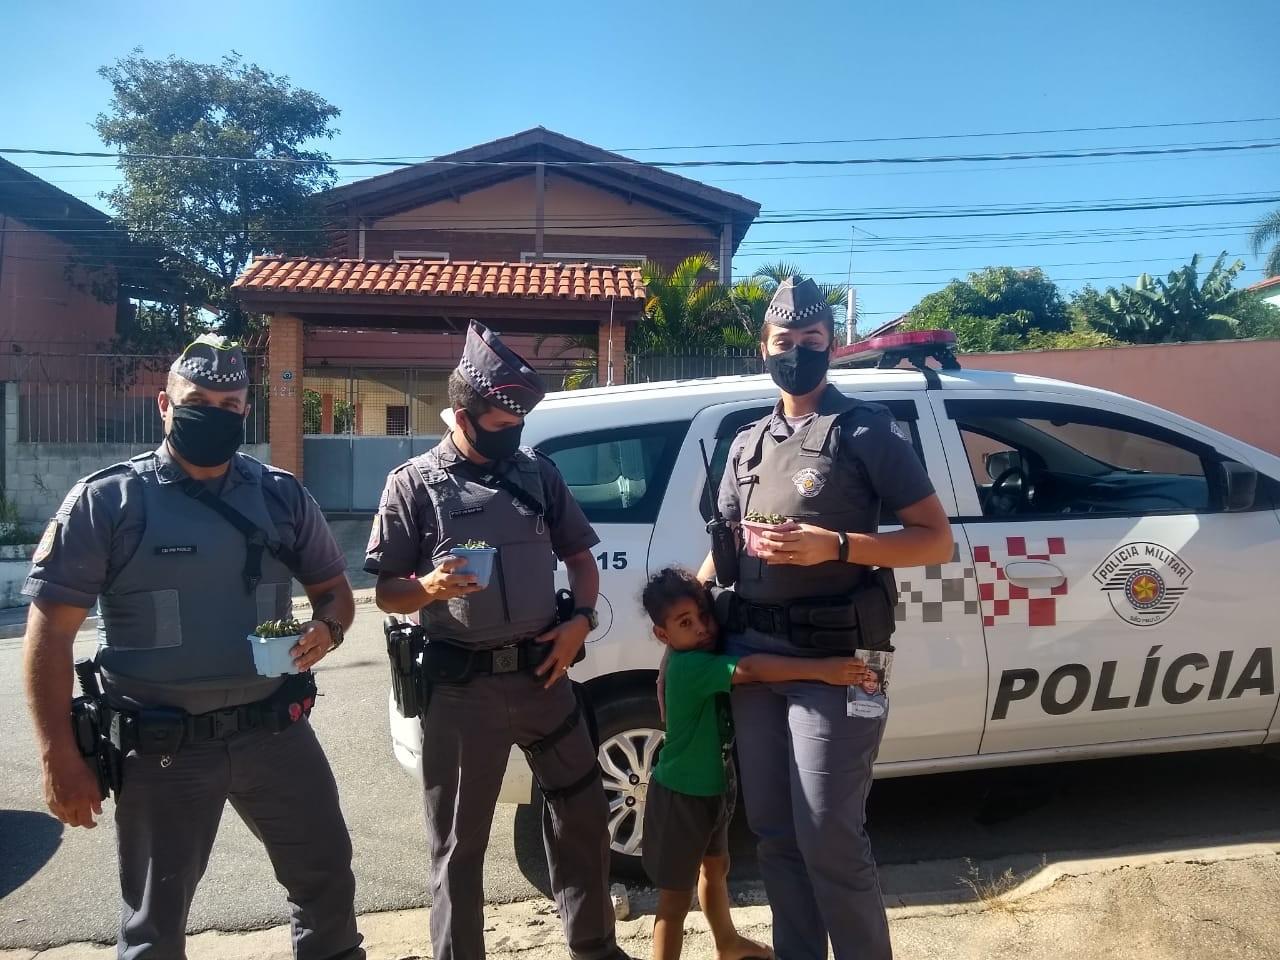 Menino de 4 anos que sonha em ser policial recebe visita surpresa da PM em Jundiaí